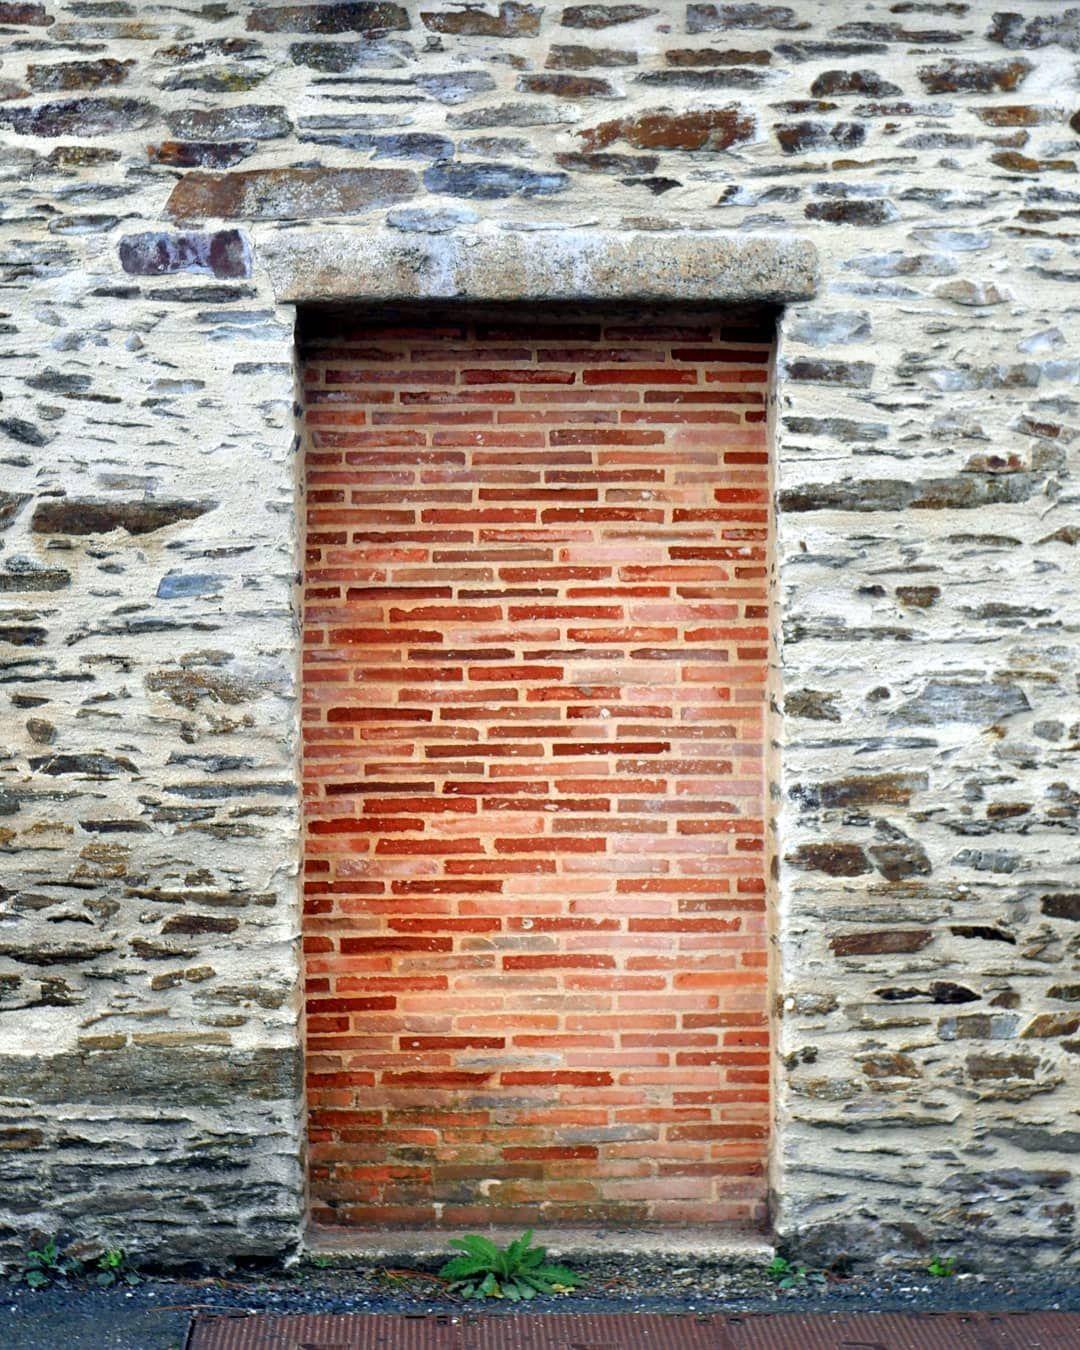 023 365 Reddoor Red Door Brick Redbrick Closeddoor Brick Garden Brick Garden Edging Brick Edging